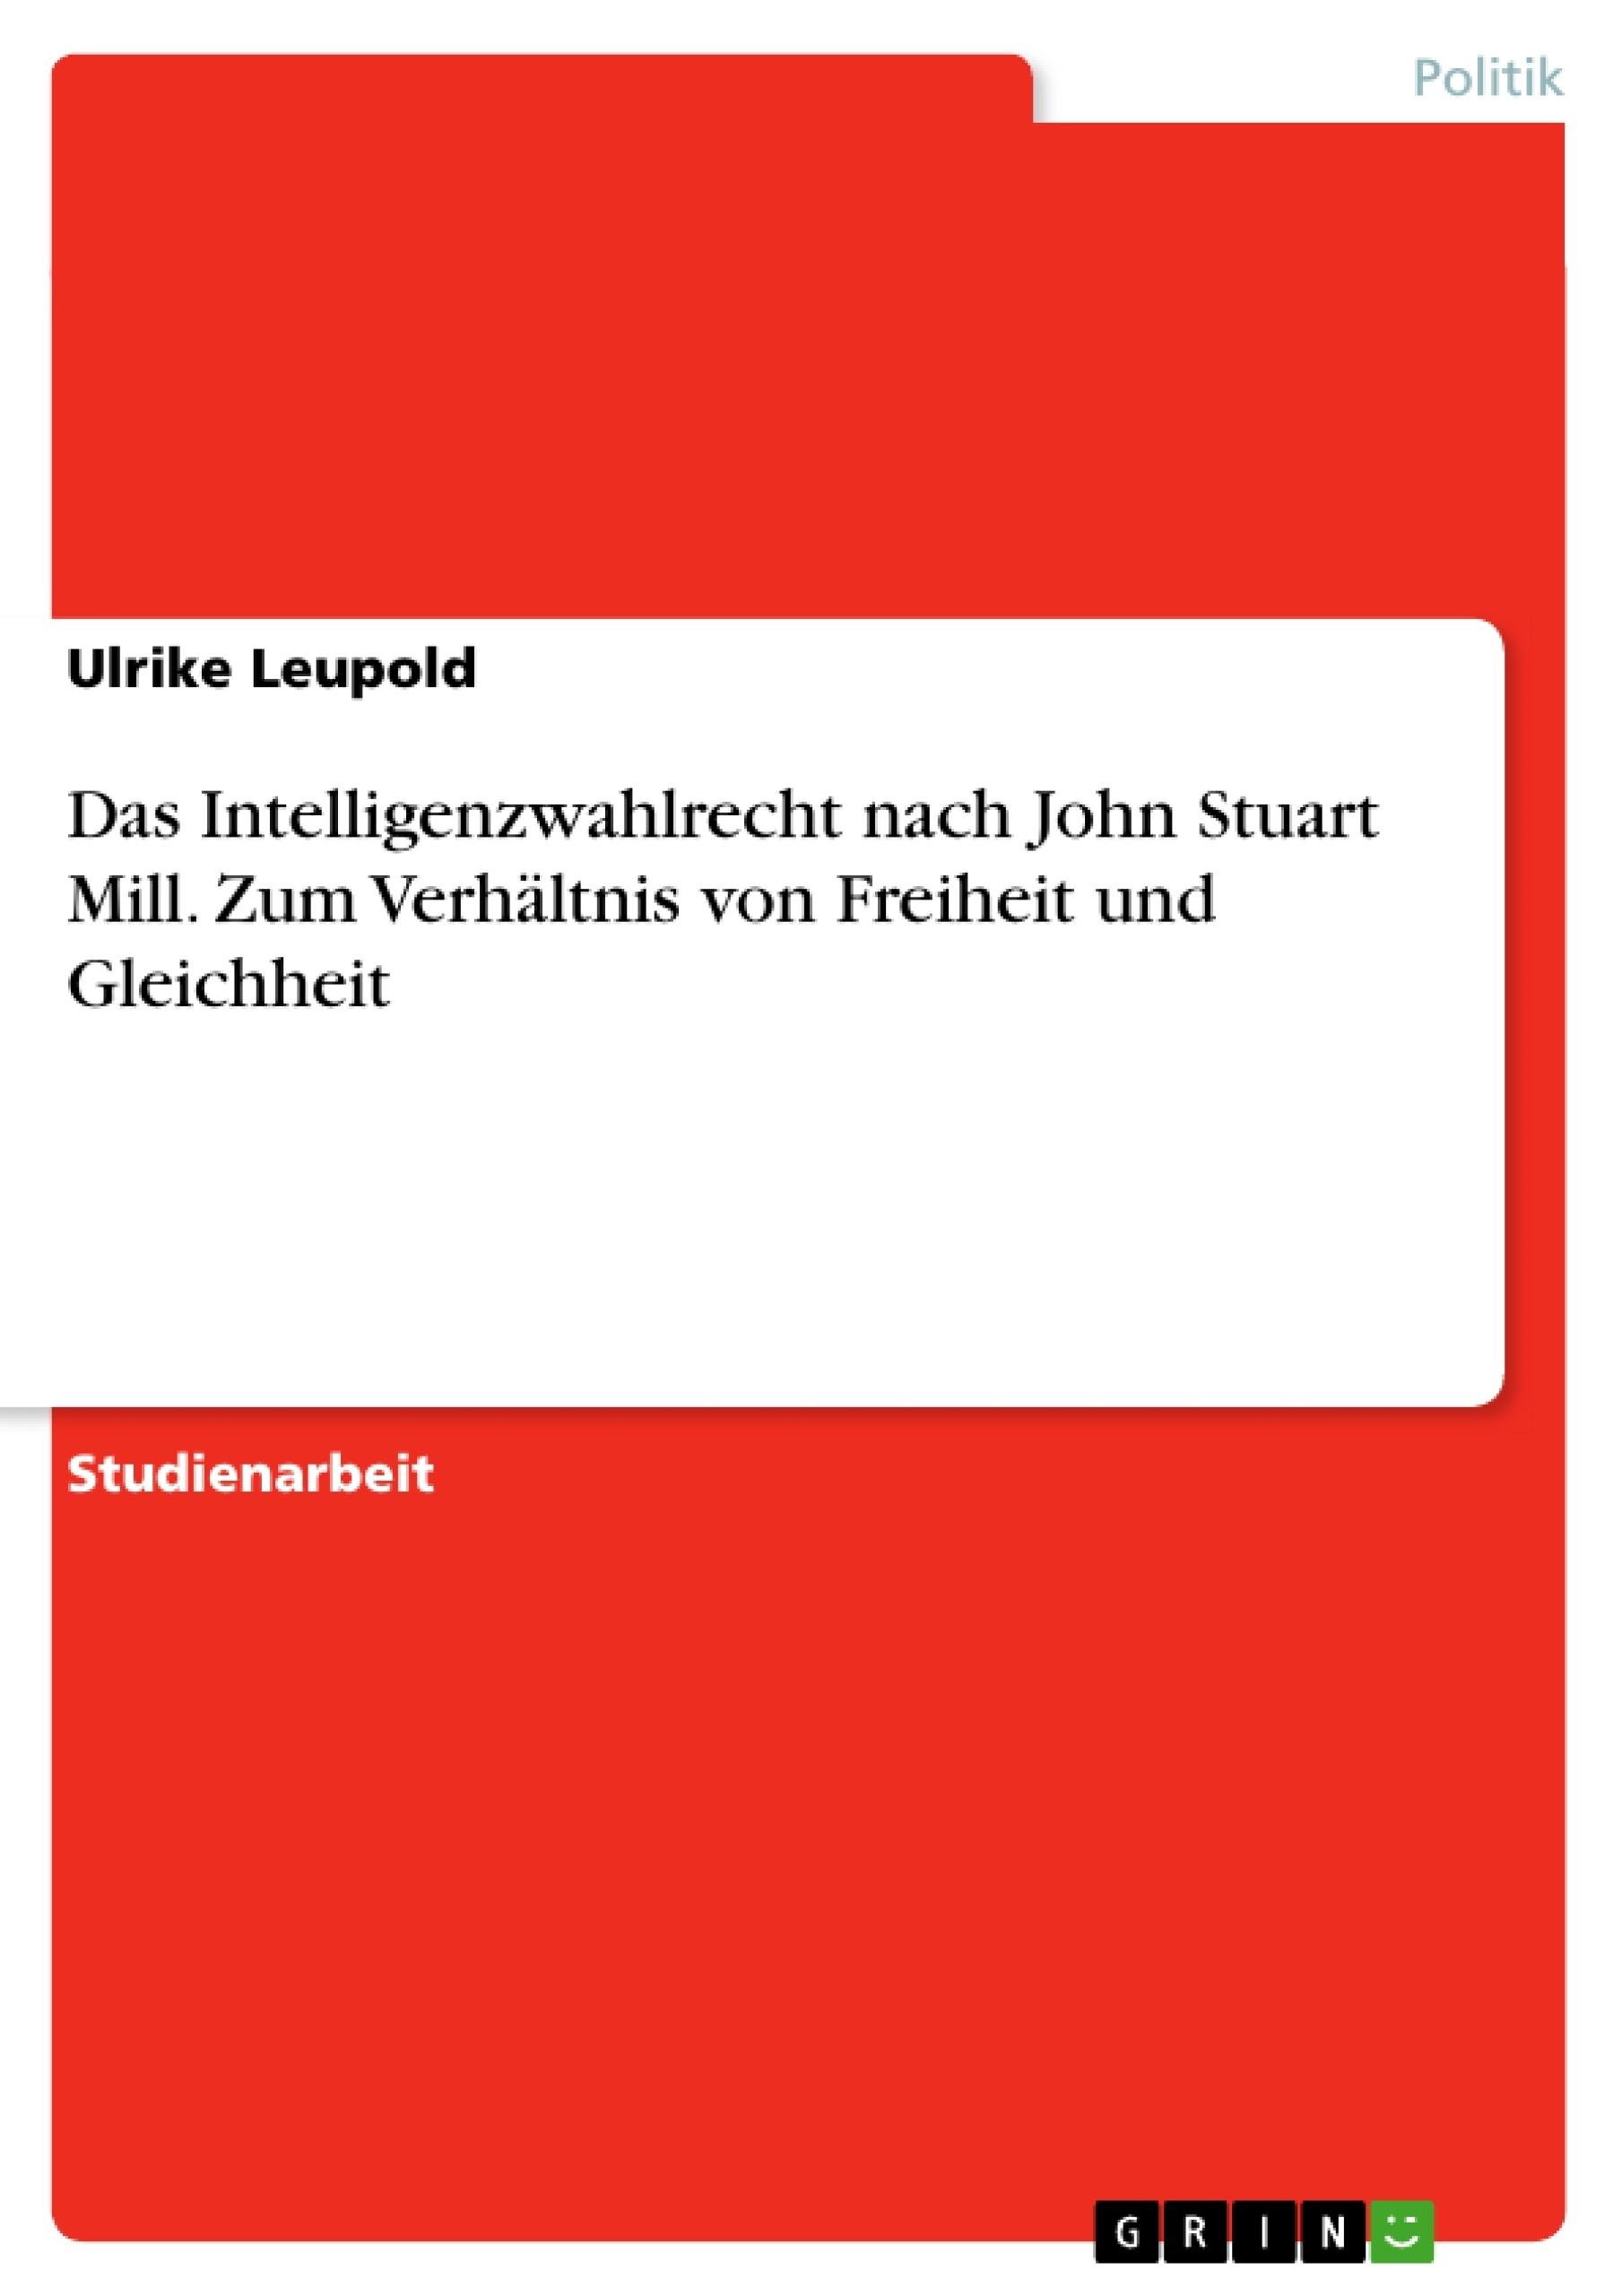 Titel: Das Intelligenzwahlrecht nach John Stuart Mill. Zum Verhältnis von Freiheit und Gleichheit